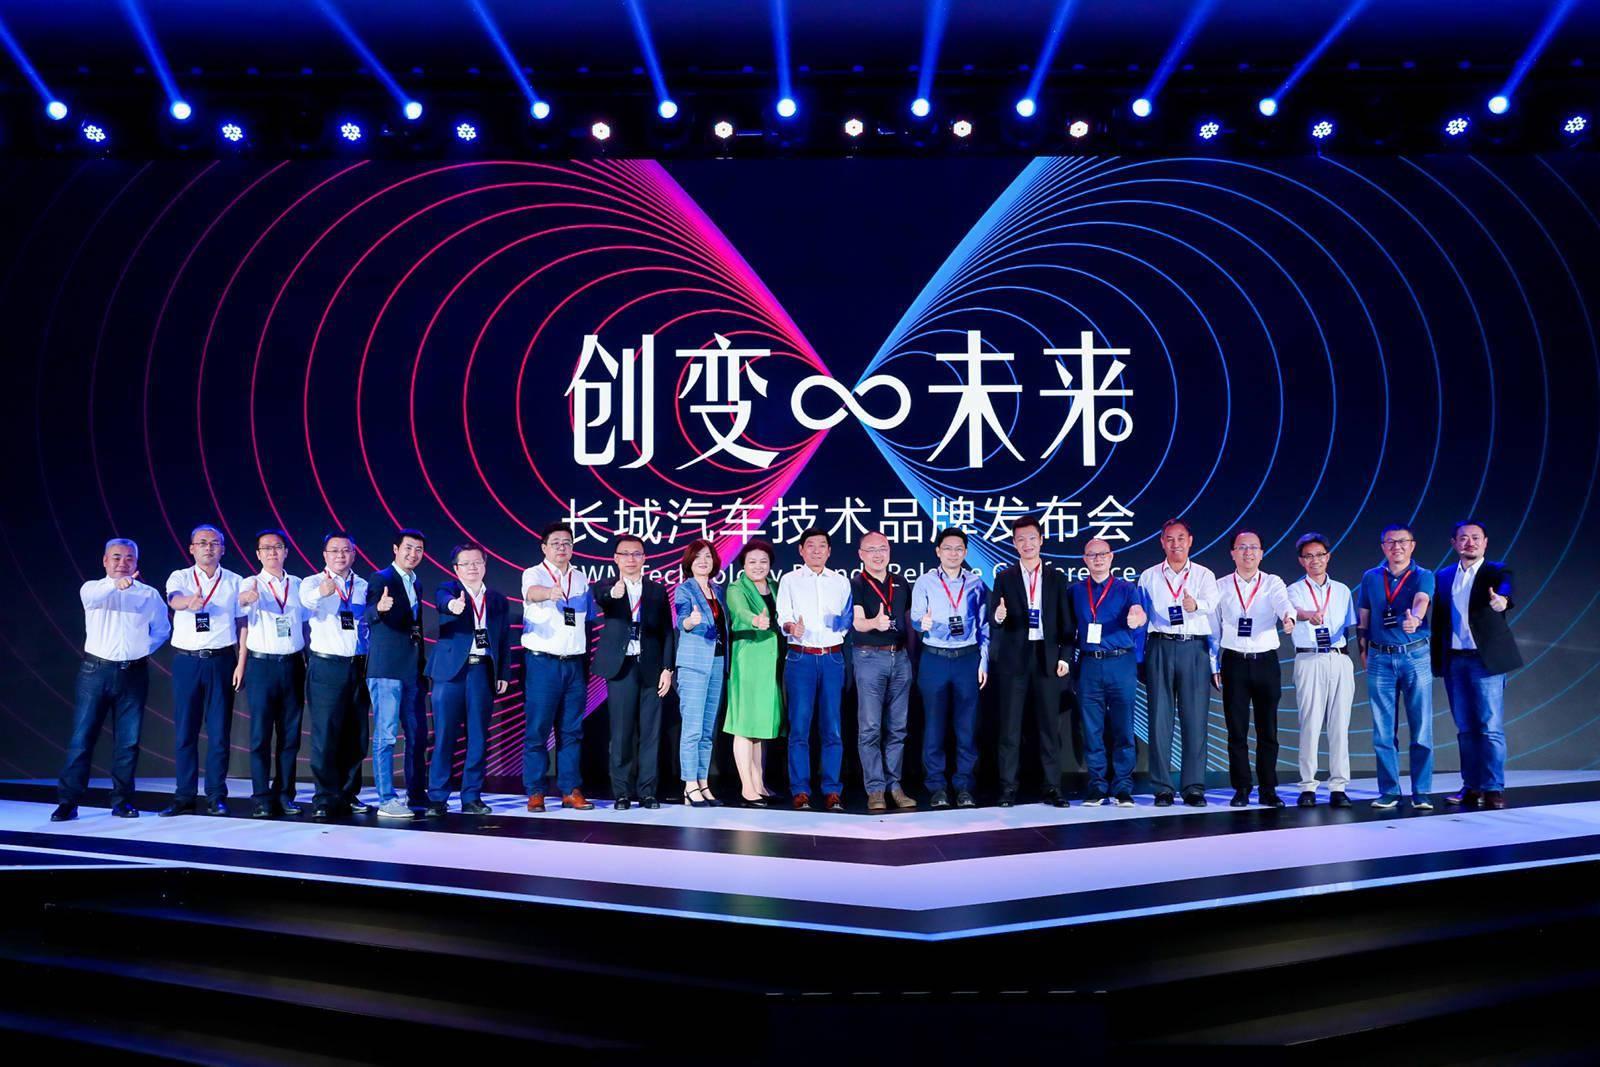 """长城汽车发布""""柠檬、坦克、咖啡智能""""三大技术品牌,向全球化科技出行公司转型"""